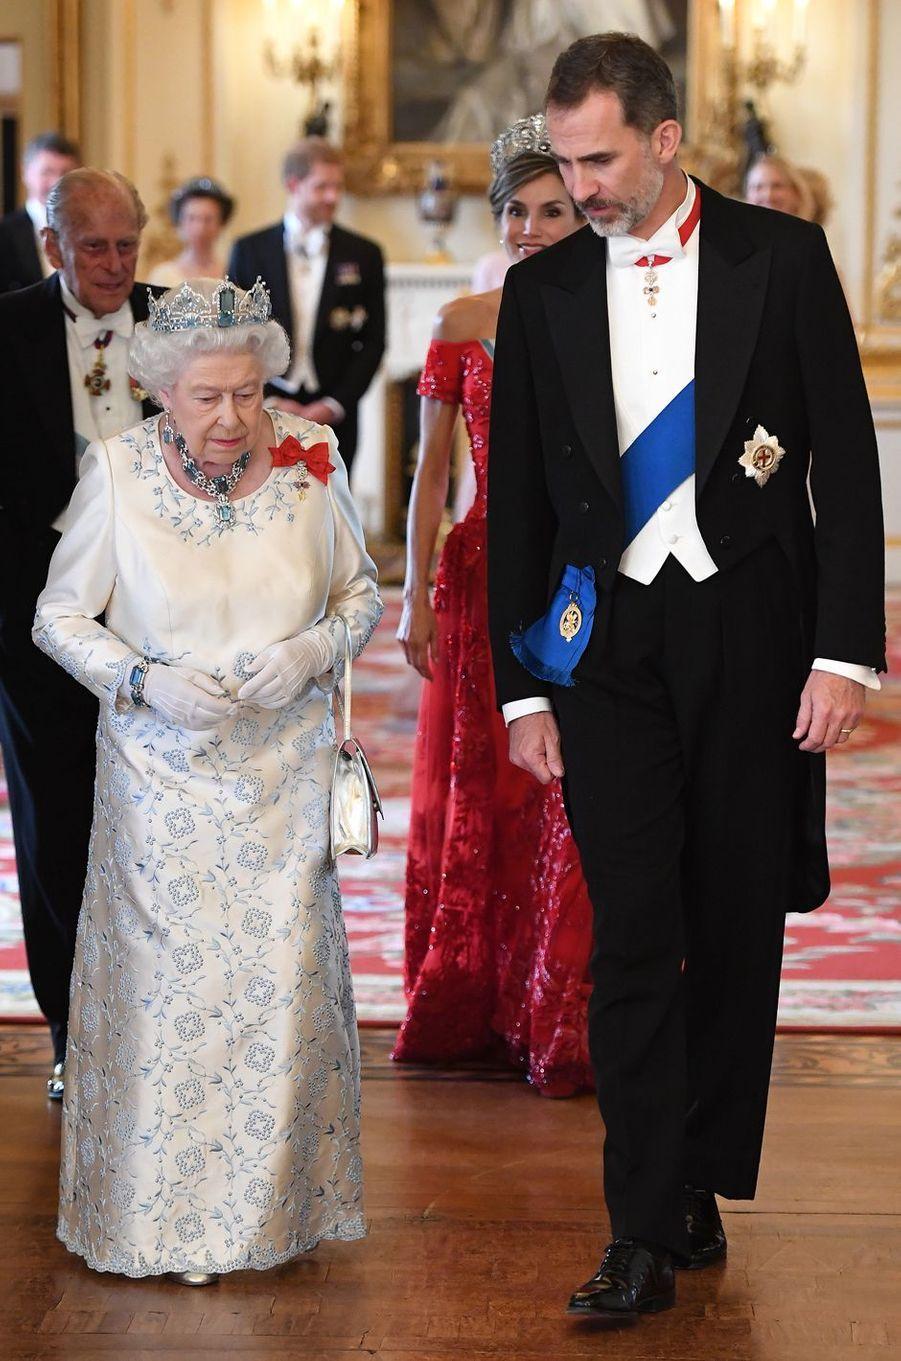 La reine Elizabeth II et le roi Felipe VI d'Espagne à Londres, le 12 juillet 2017